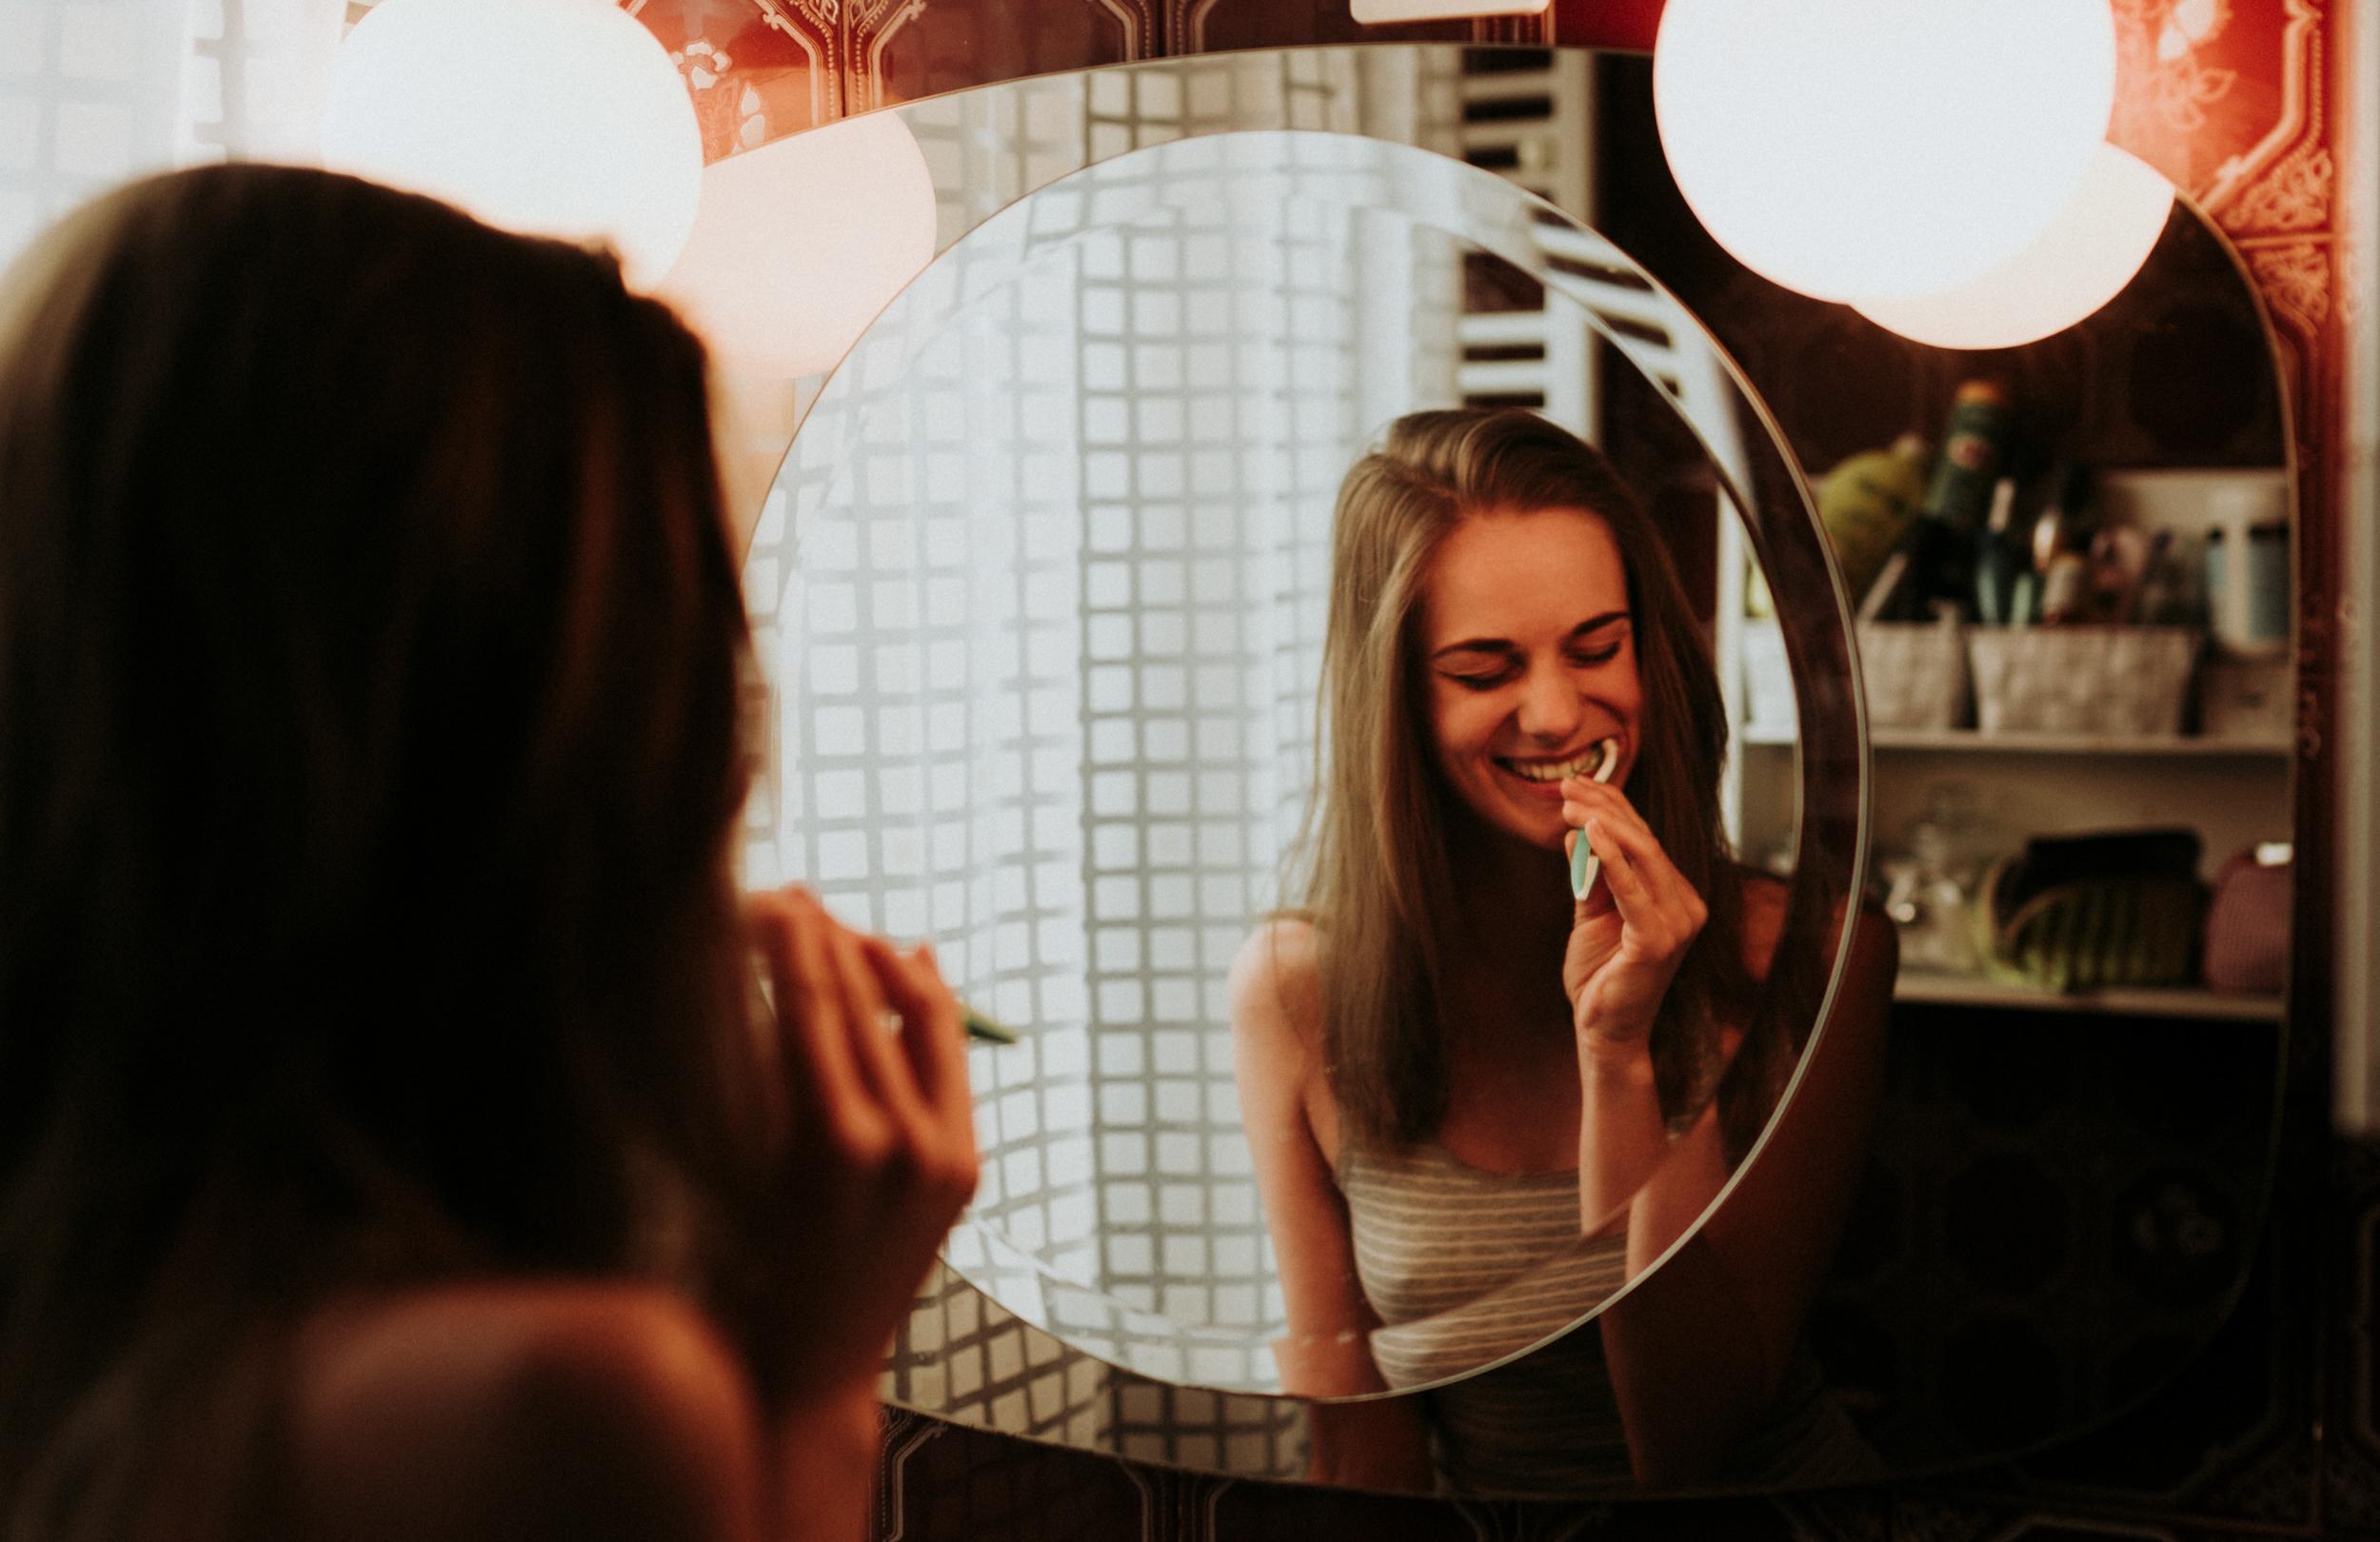 Molly otthoni lifestyle portré fotó. Mosolygós fogmosás.